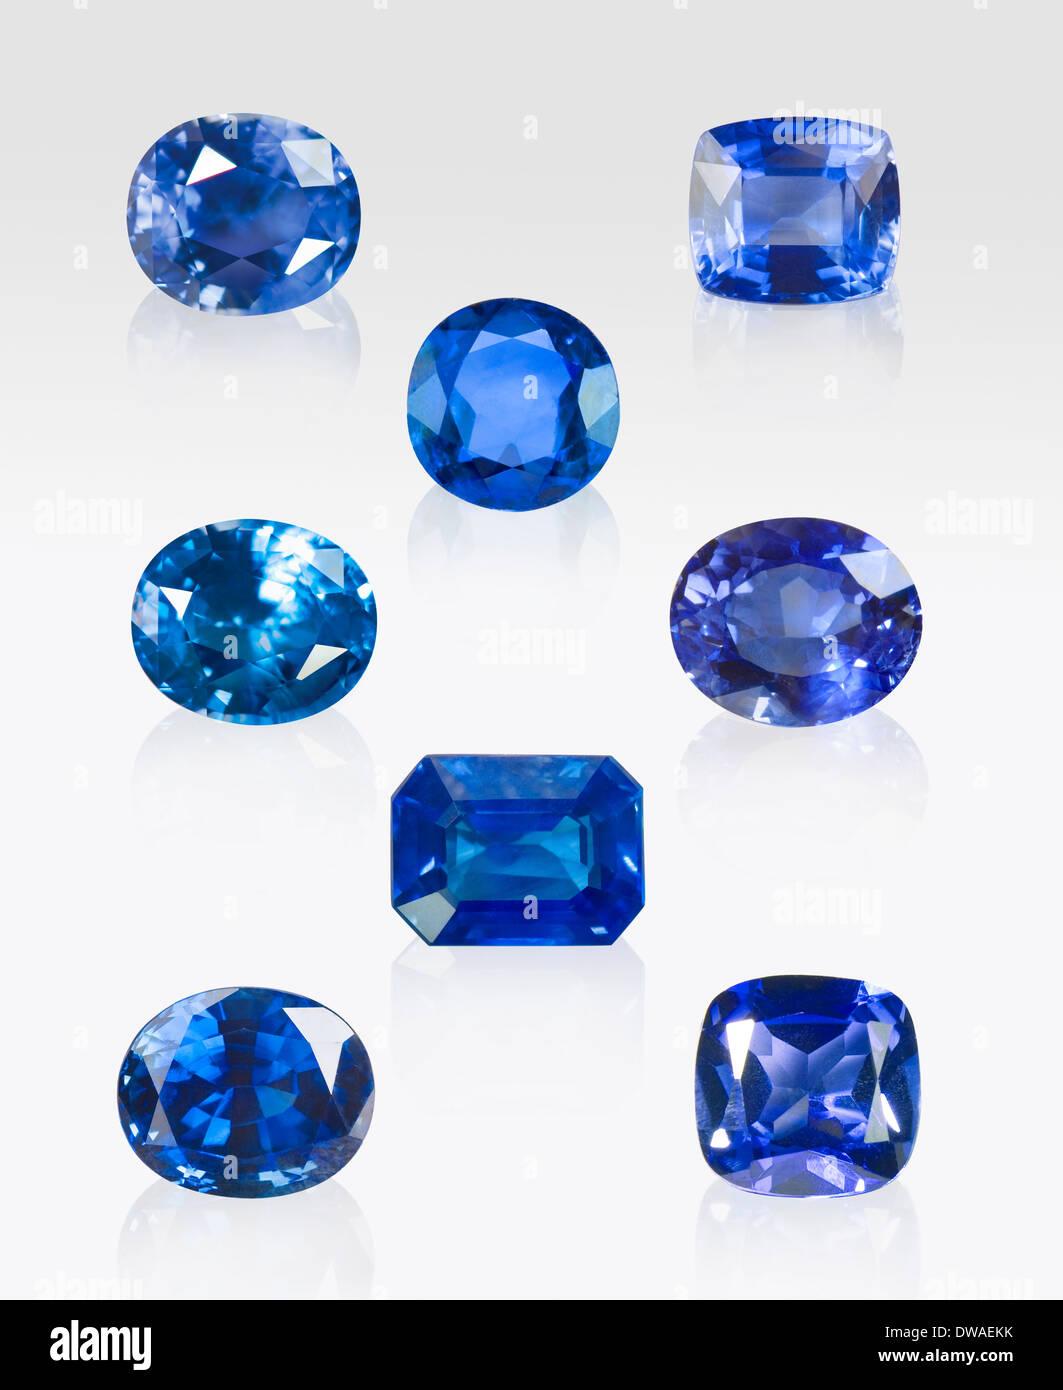 Blue Sapphires from around the world: T-L; Thailand, T-R; Sri Lanka, T-M; Lanka, M-L; Australia, M-R; Madagascar; B-M; Lanka, B-L; Aust, B-R; Tanzania - Stock Image